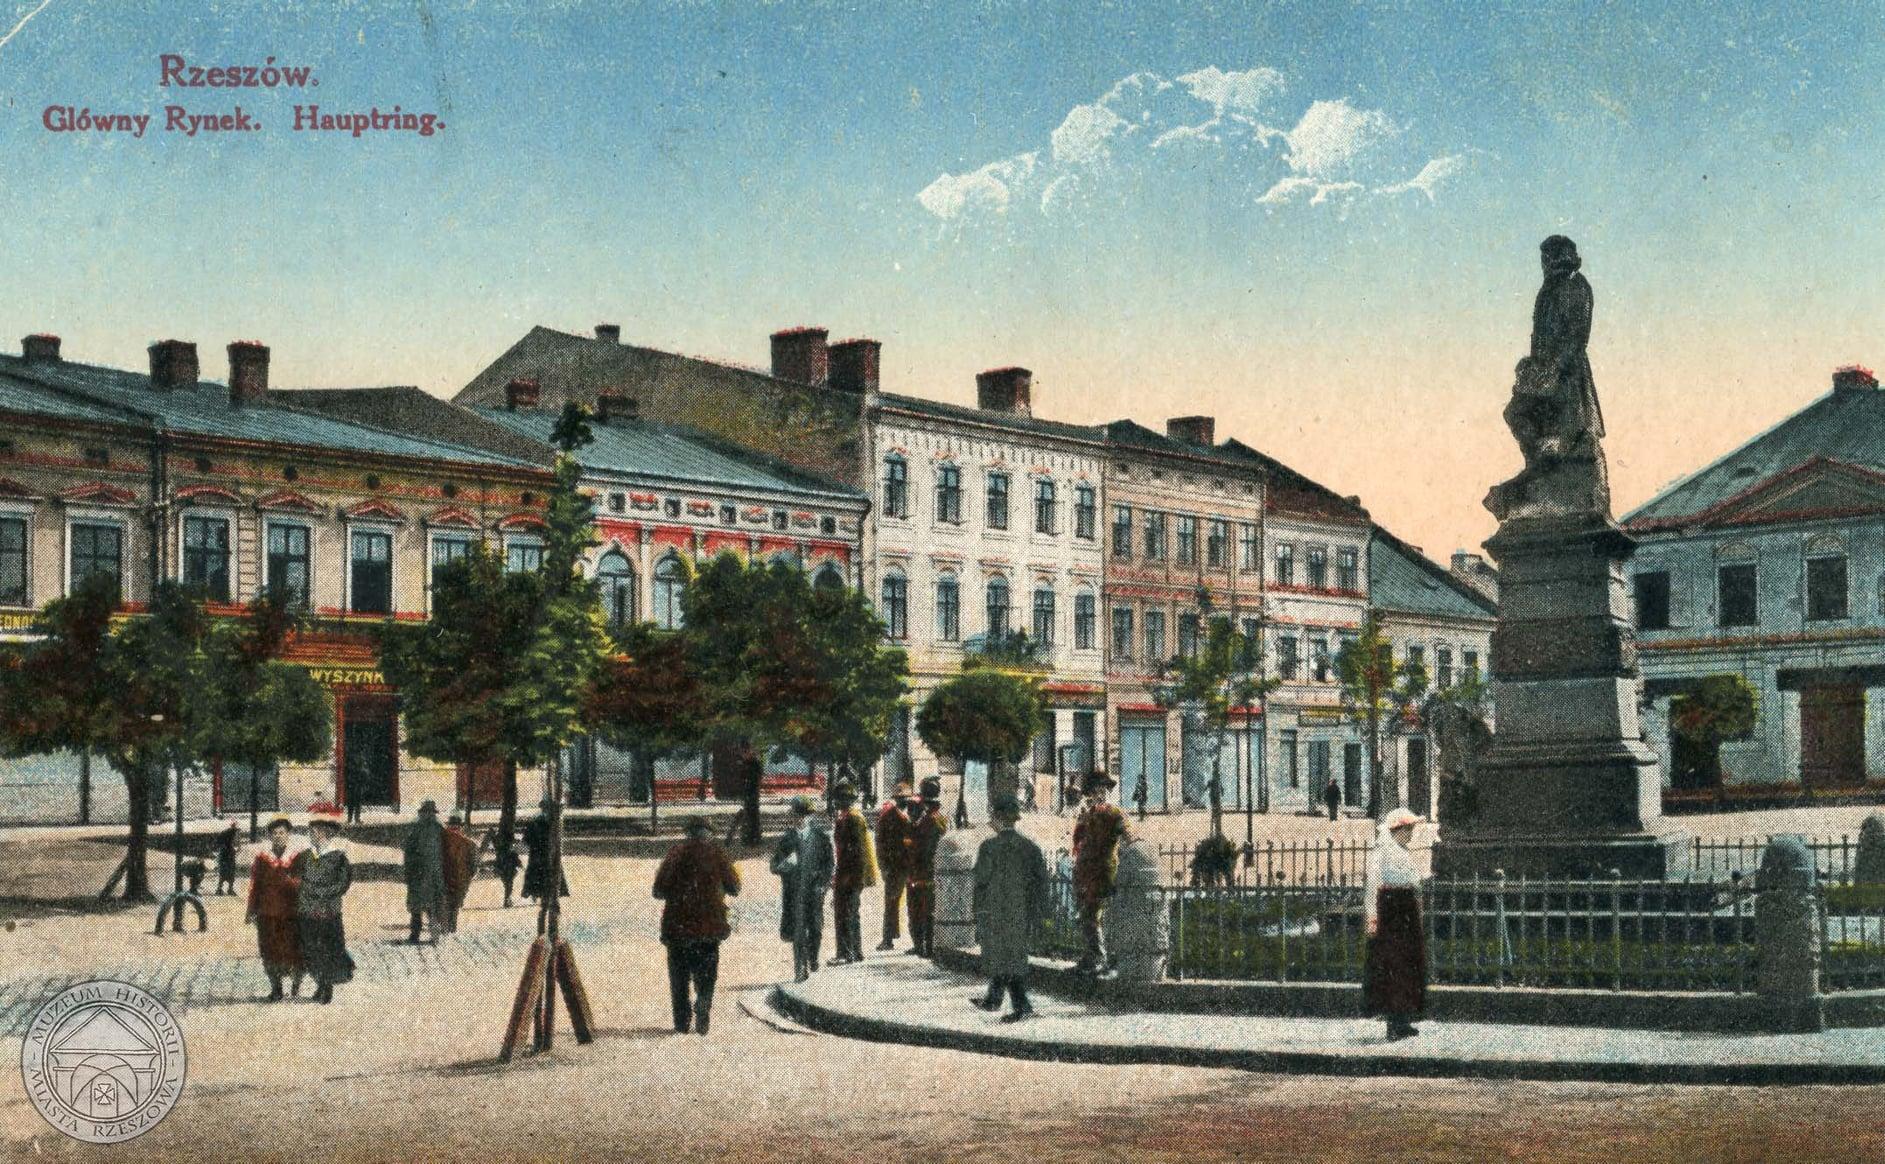 Tak wyglądał Rzeszów na pocztówkach w czasach galicyjskich [ZDJĘCIA]  - Zdjęcie główne